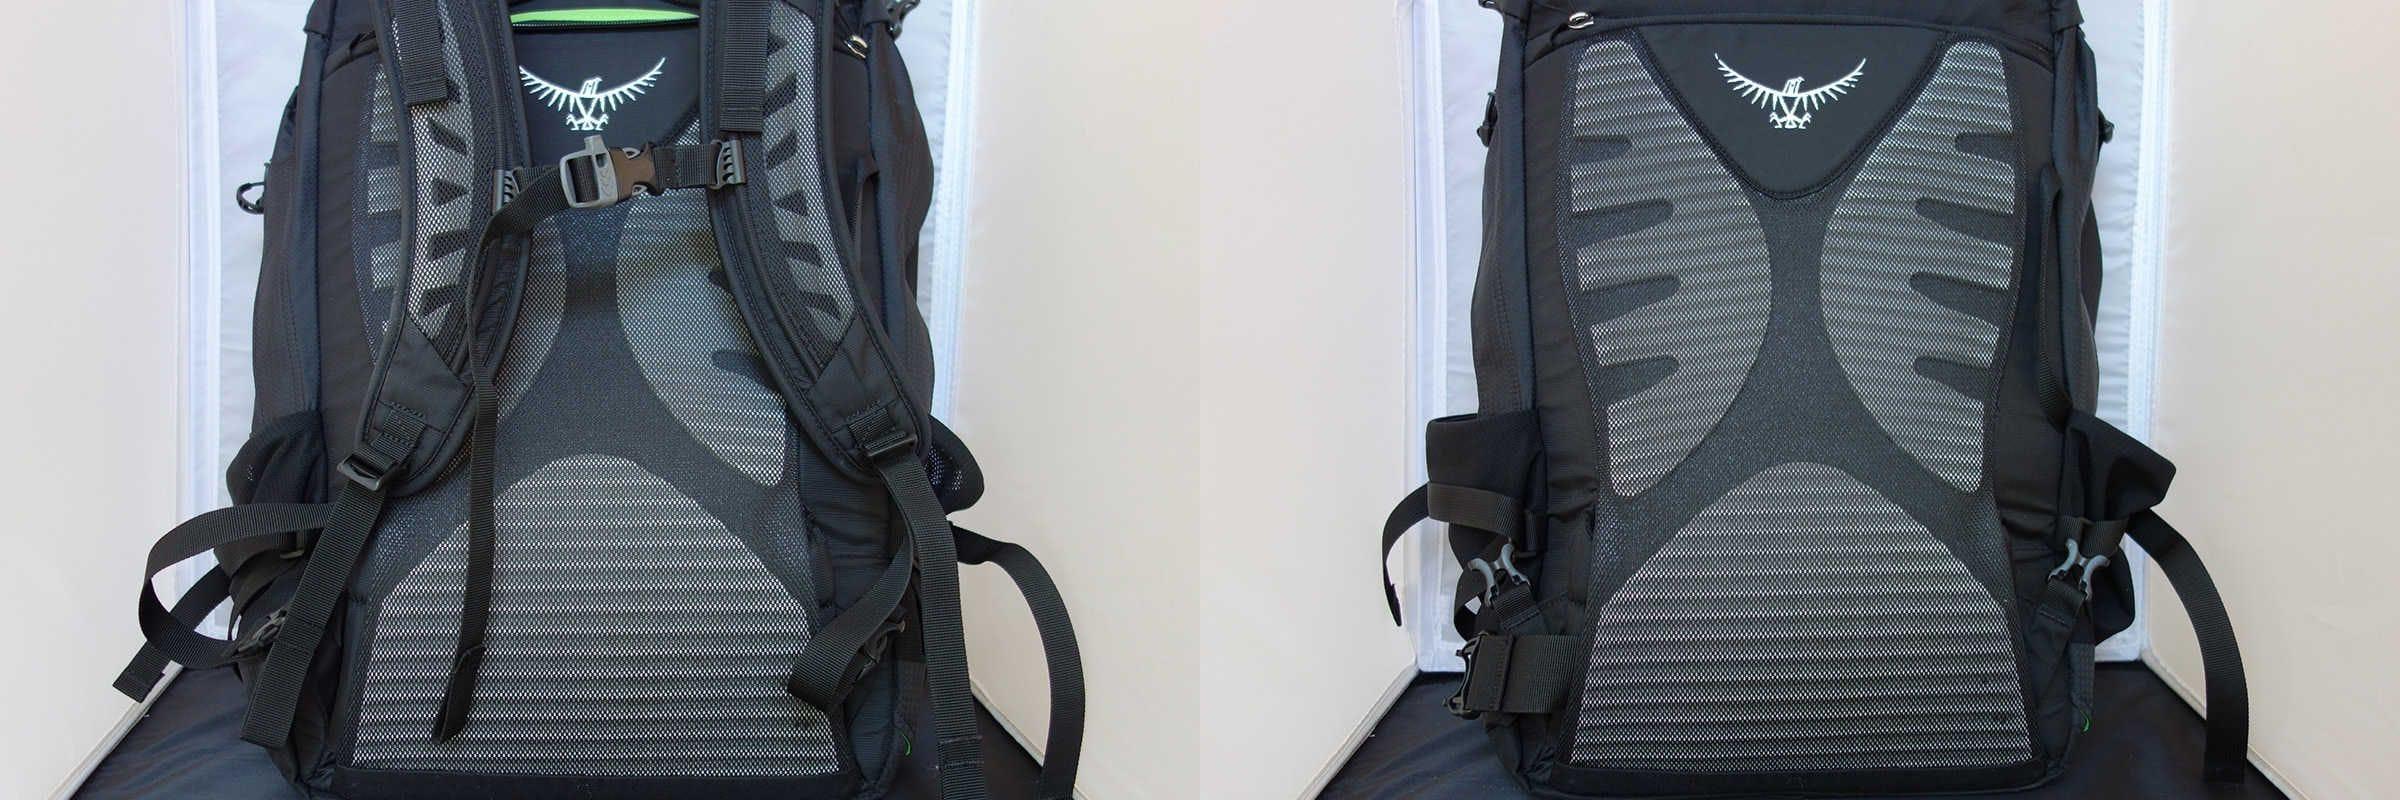 ozone travel backpack